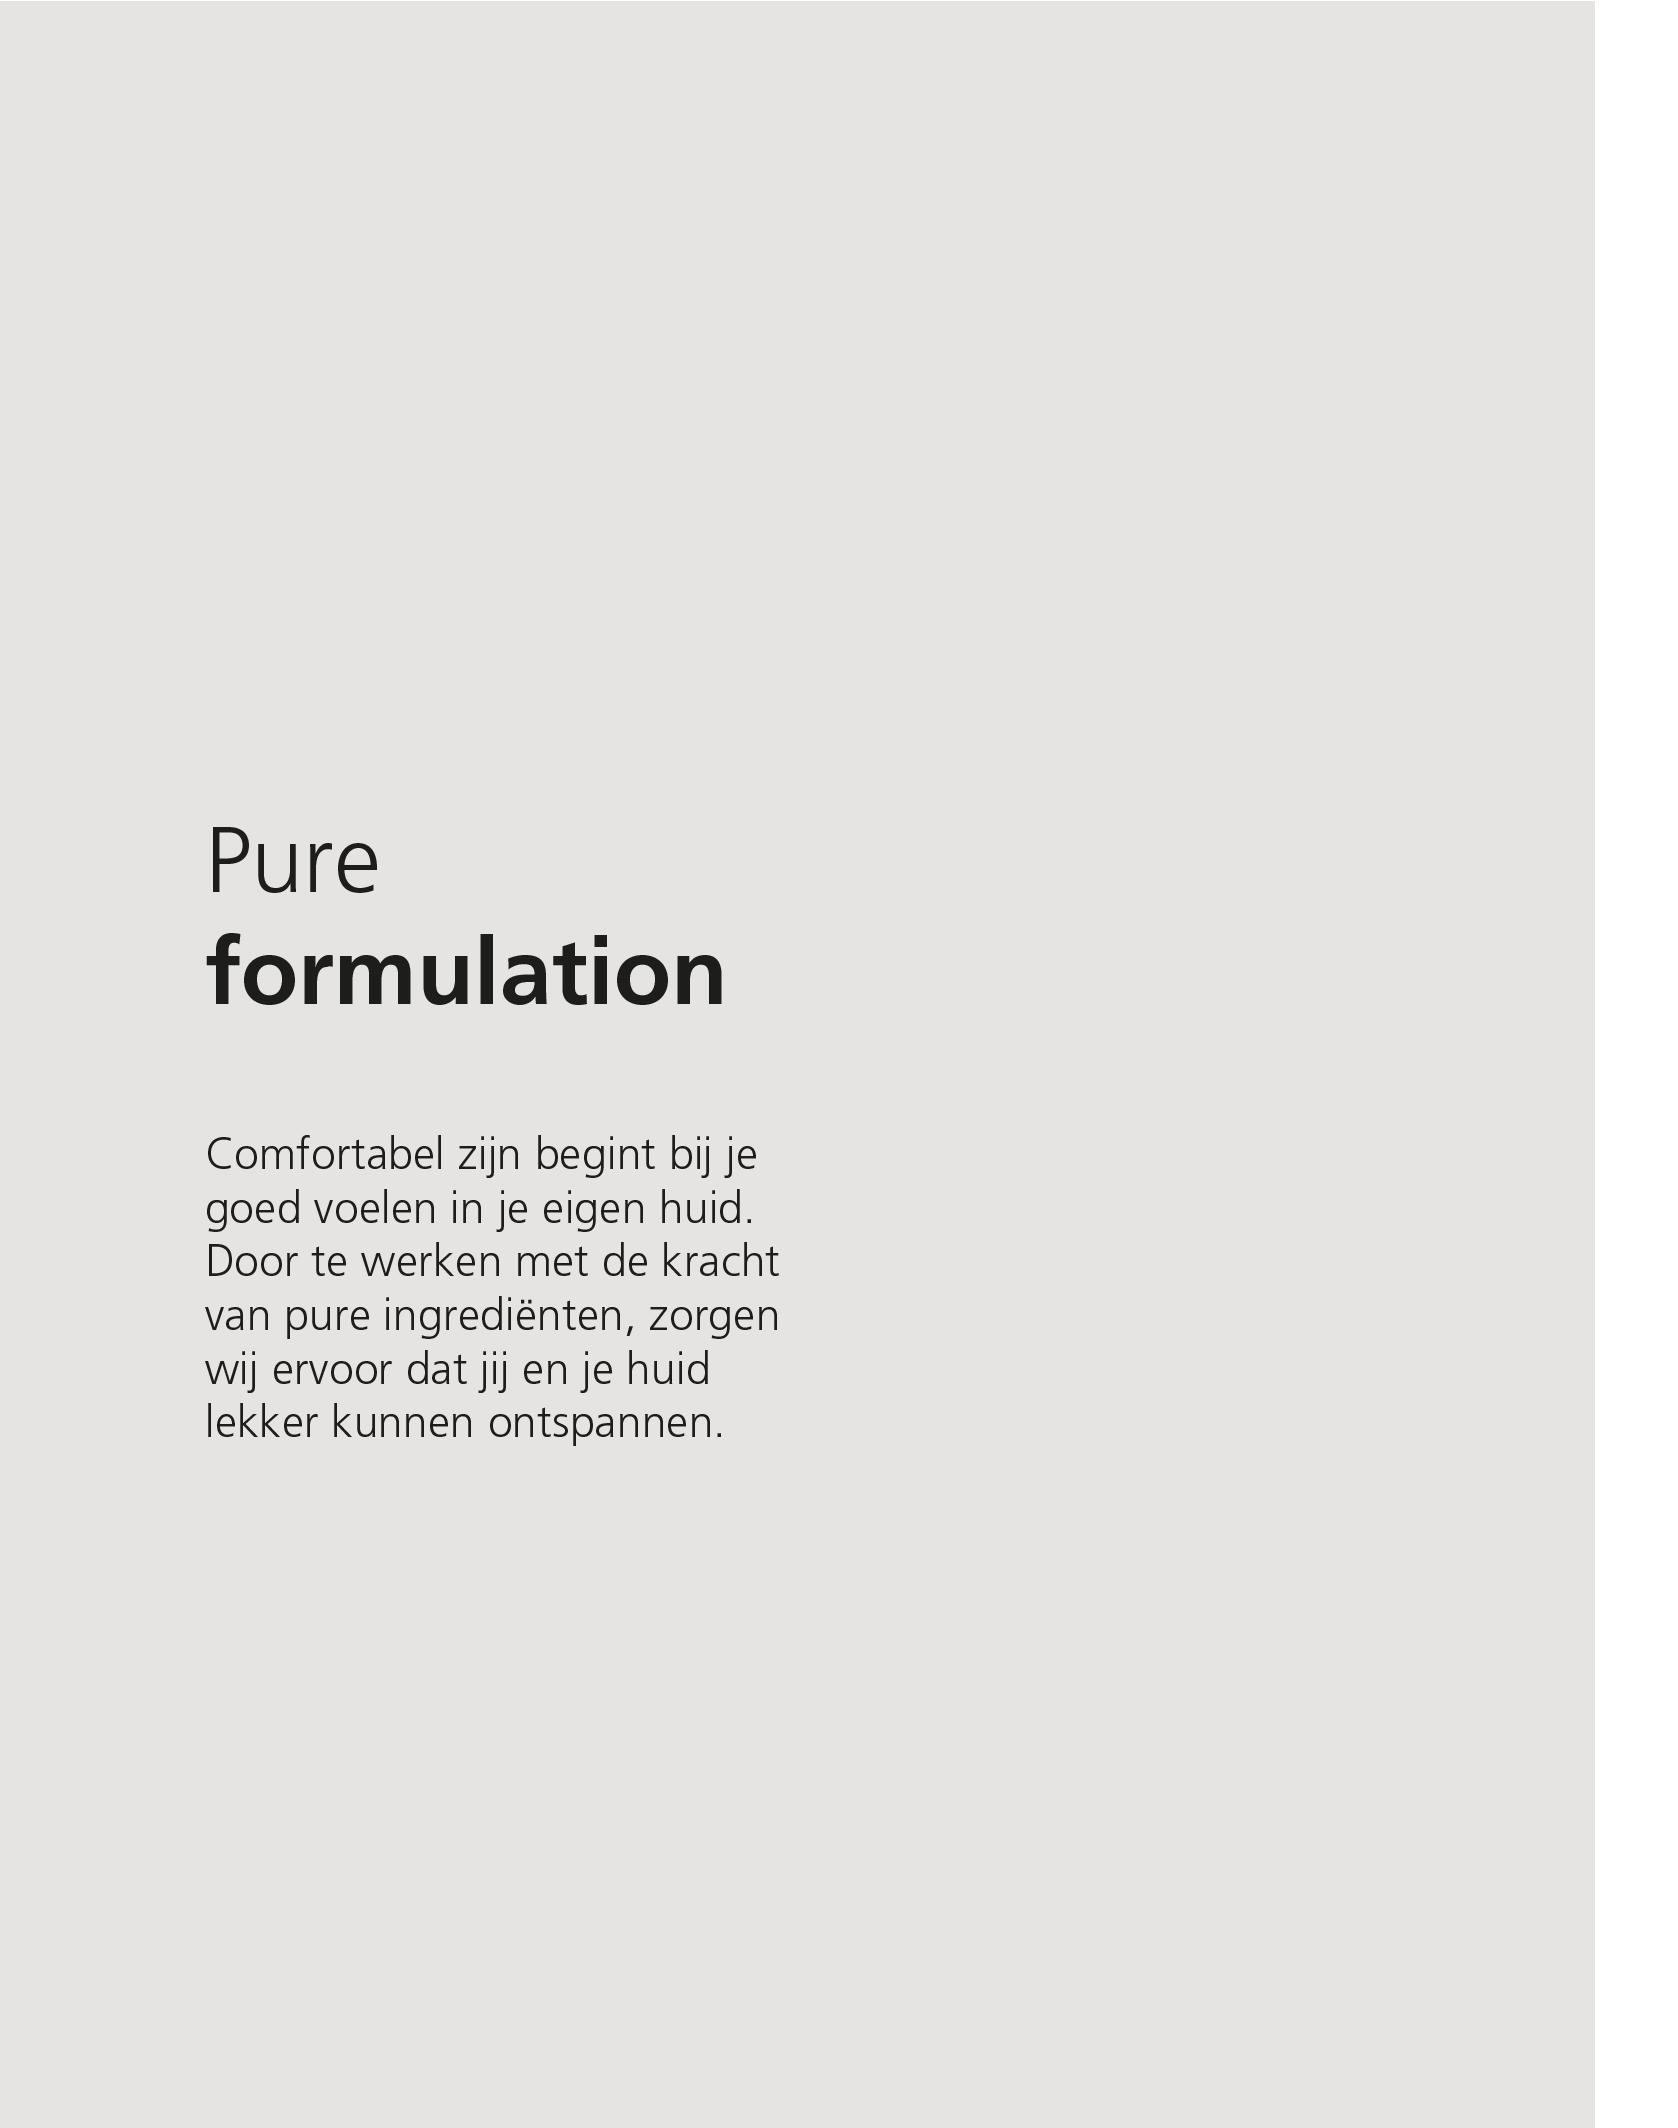 Pure formulation. Comfortabel zijn begint bij jezelf goed voelen in je eigen huid. Door te werken met de kracht van pure ingrediënten, zorgen wij ervoor dat jij en je huid lekker kunnen ontspannen.